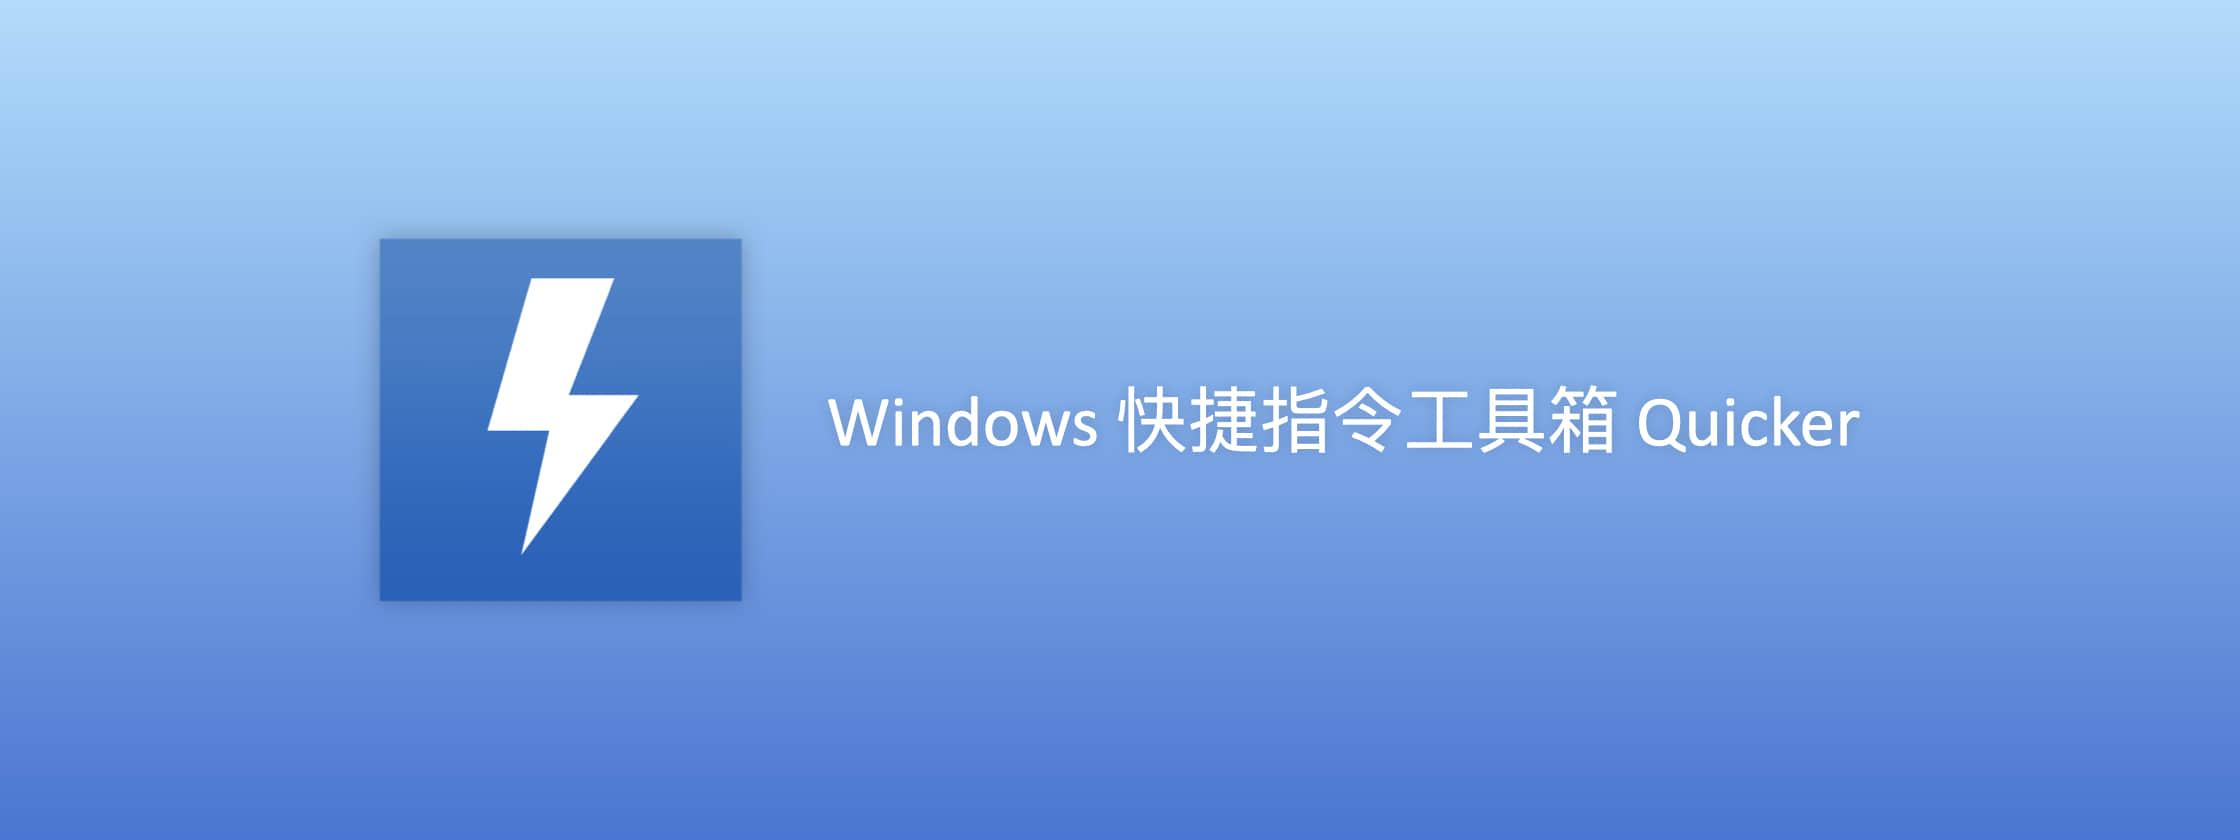 Windows 快捷指令工具箱 Quicker